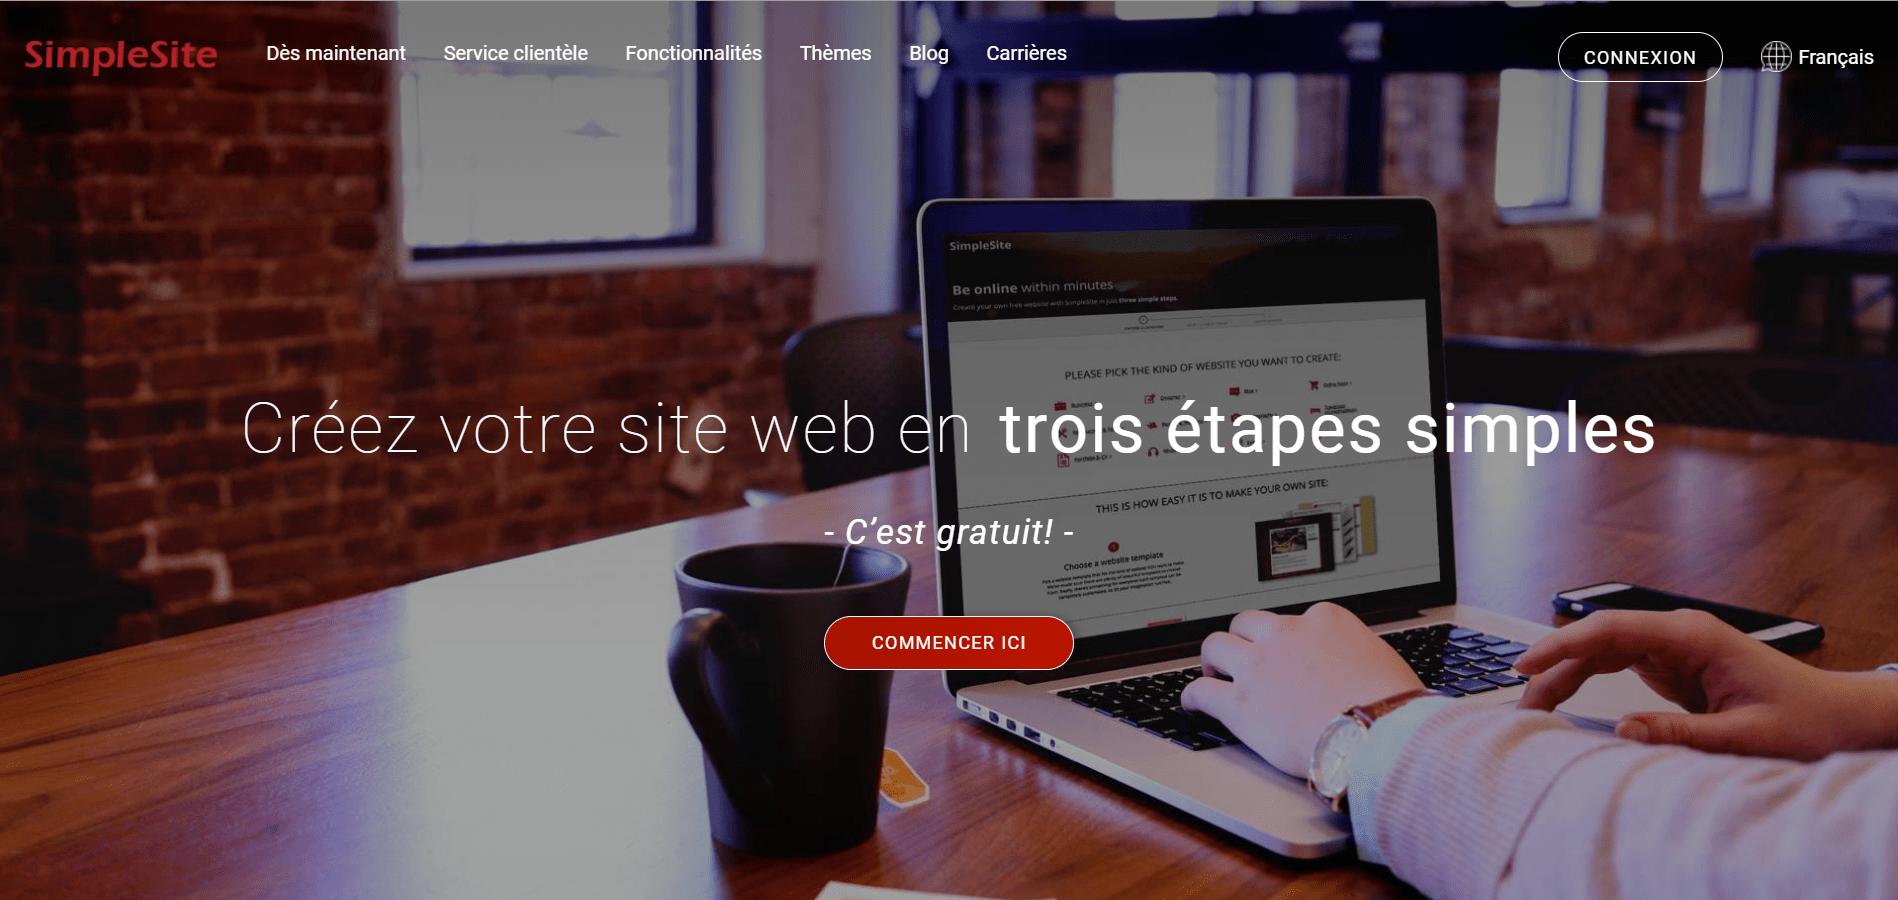 SimpleSite Homepage